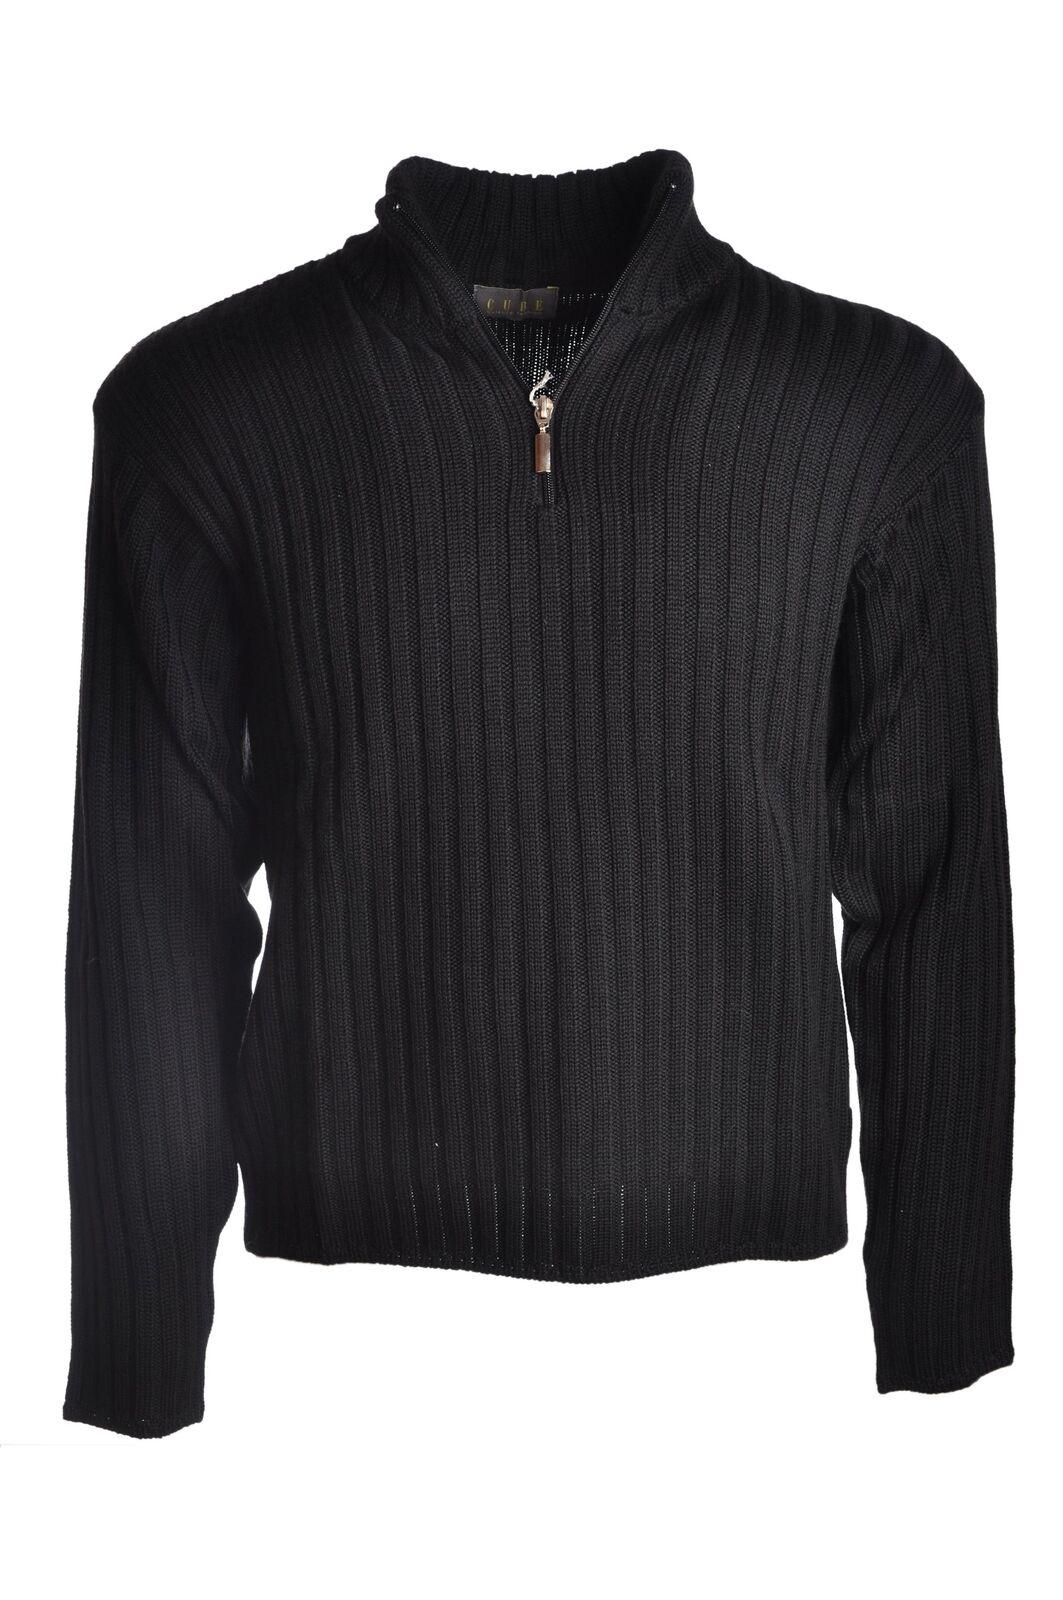 Cube  -  Sweaters - Male - Blau - 4375525A184601